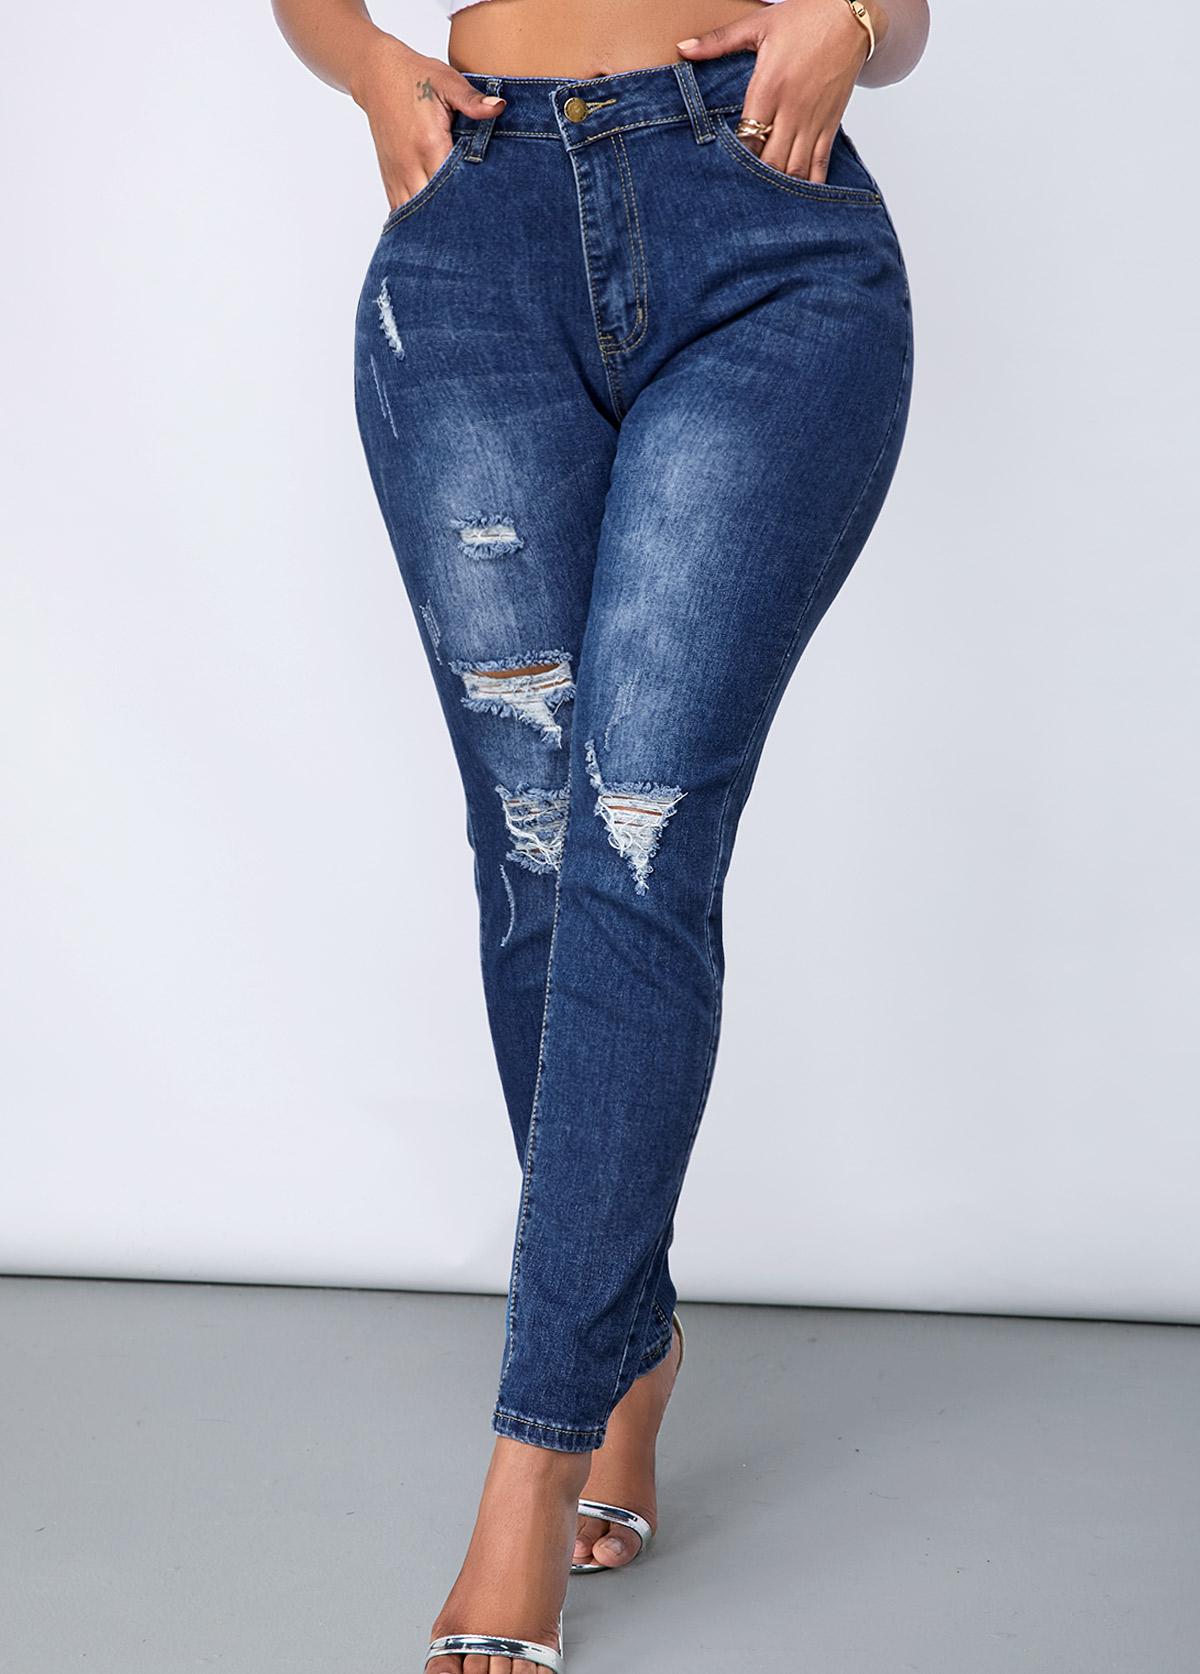 Shredded Acid Washed Slant Pocket Jeans